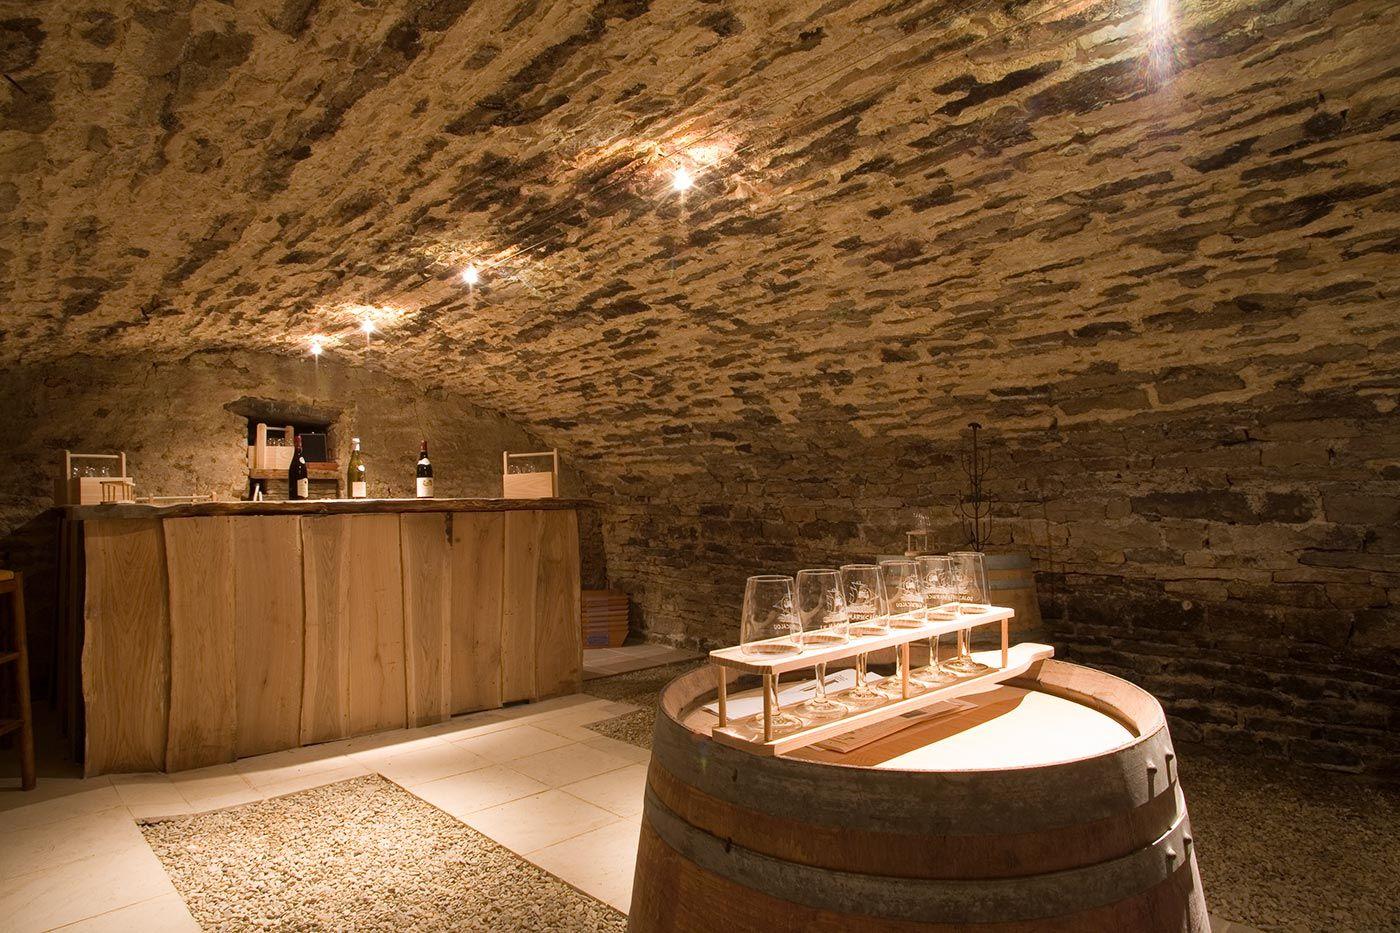 le caveau les viticulteurs de meloisey d couvrir outside pinterest viticulteur. Black Bedroom Furniture Sets. Home Design Ideas